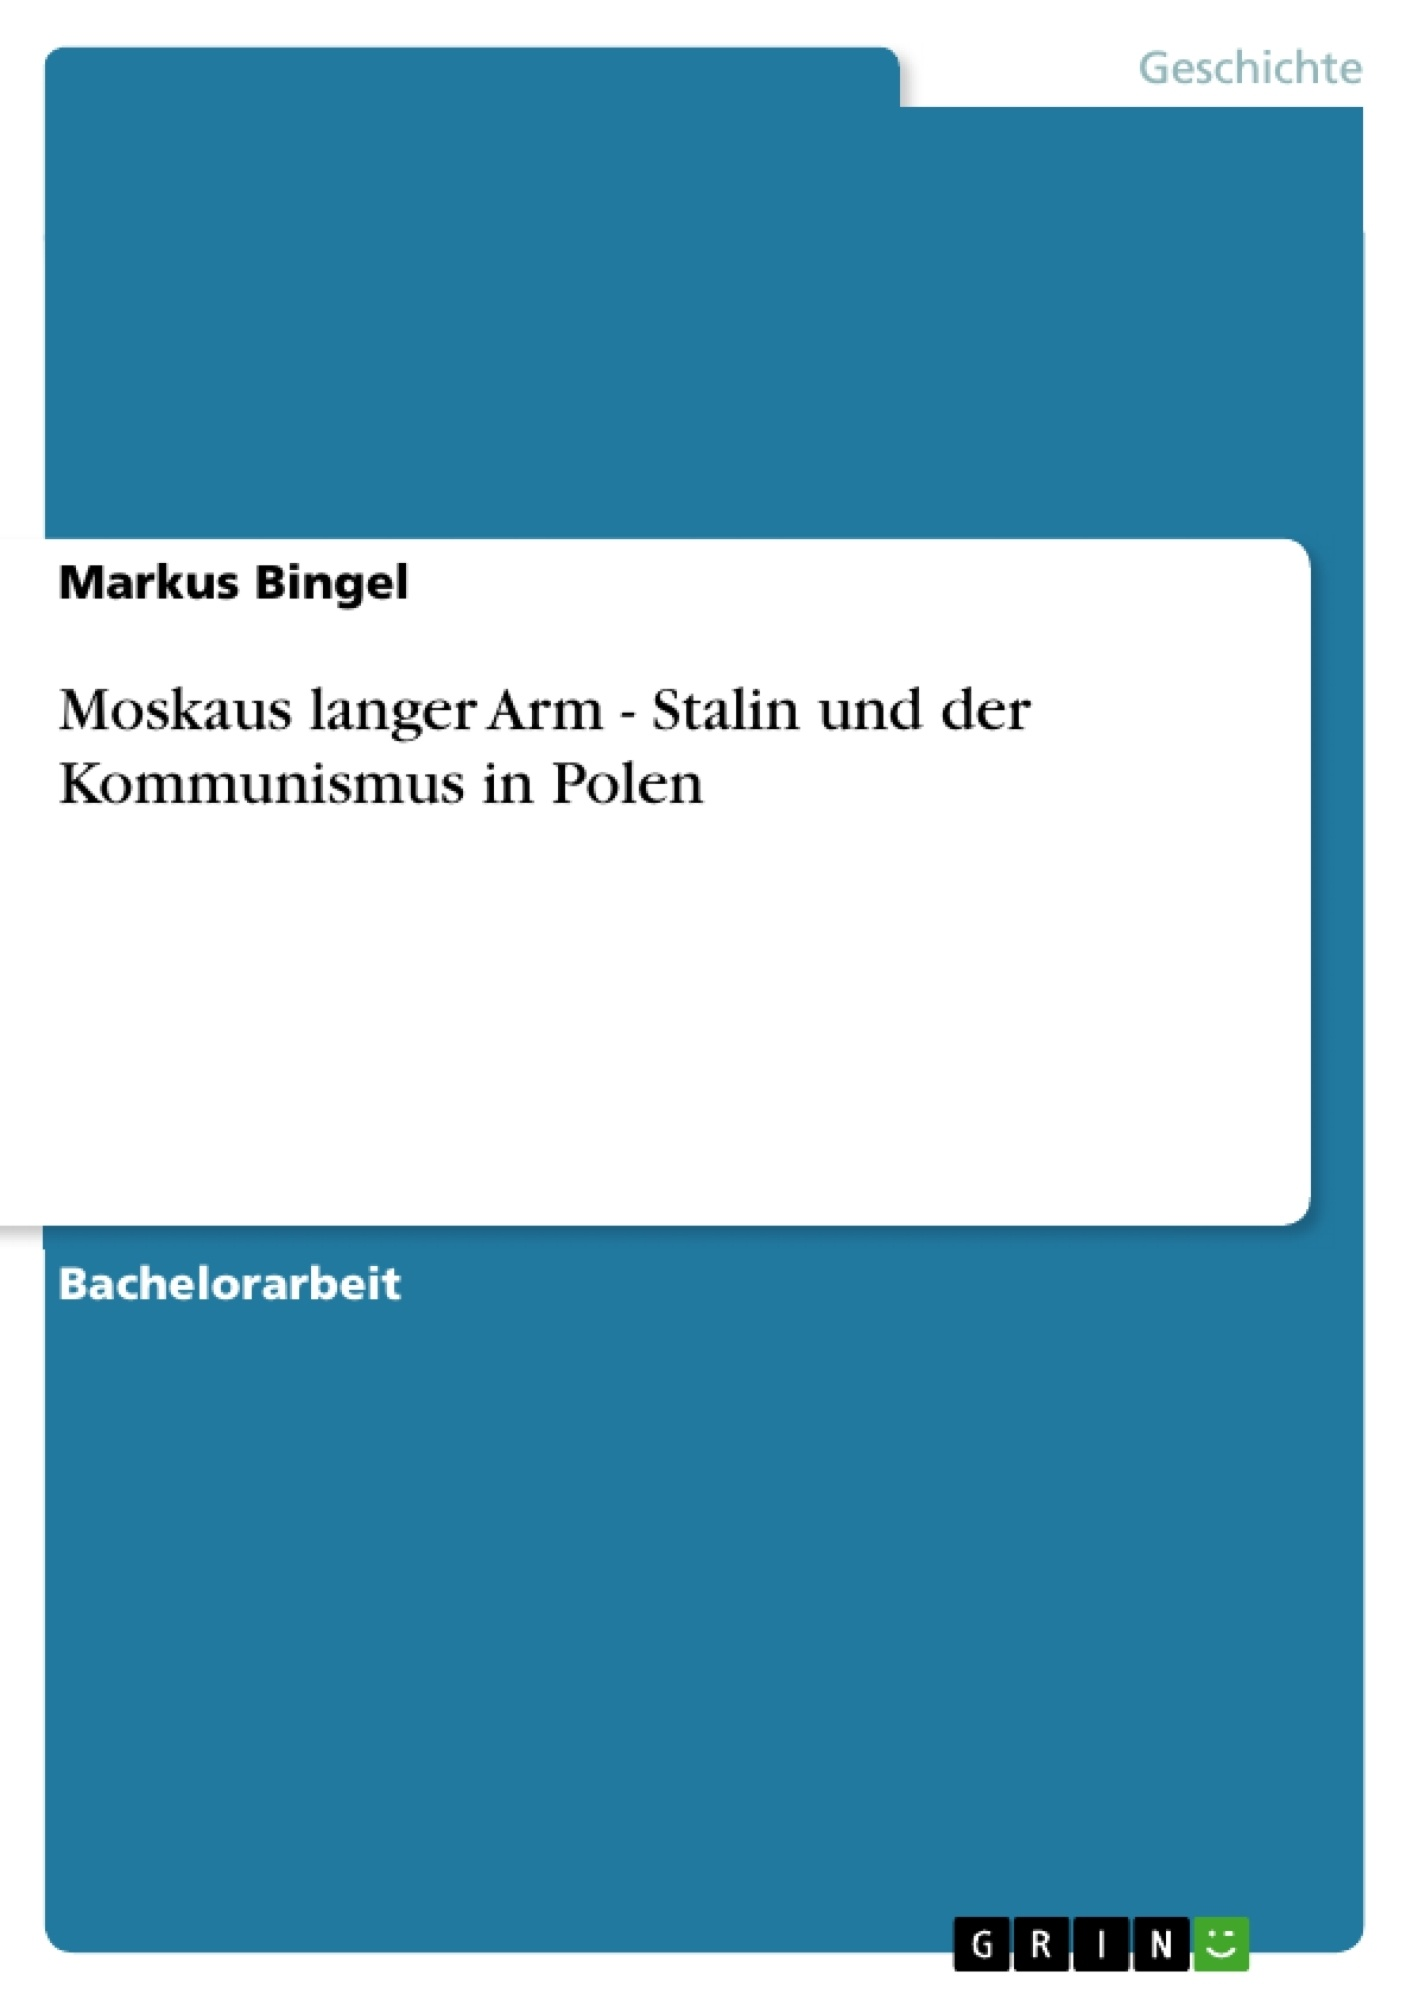 Titel: Moskaus langer Arm - Stalin und der Kommunismus in Polen